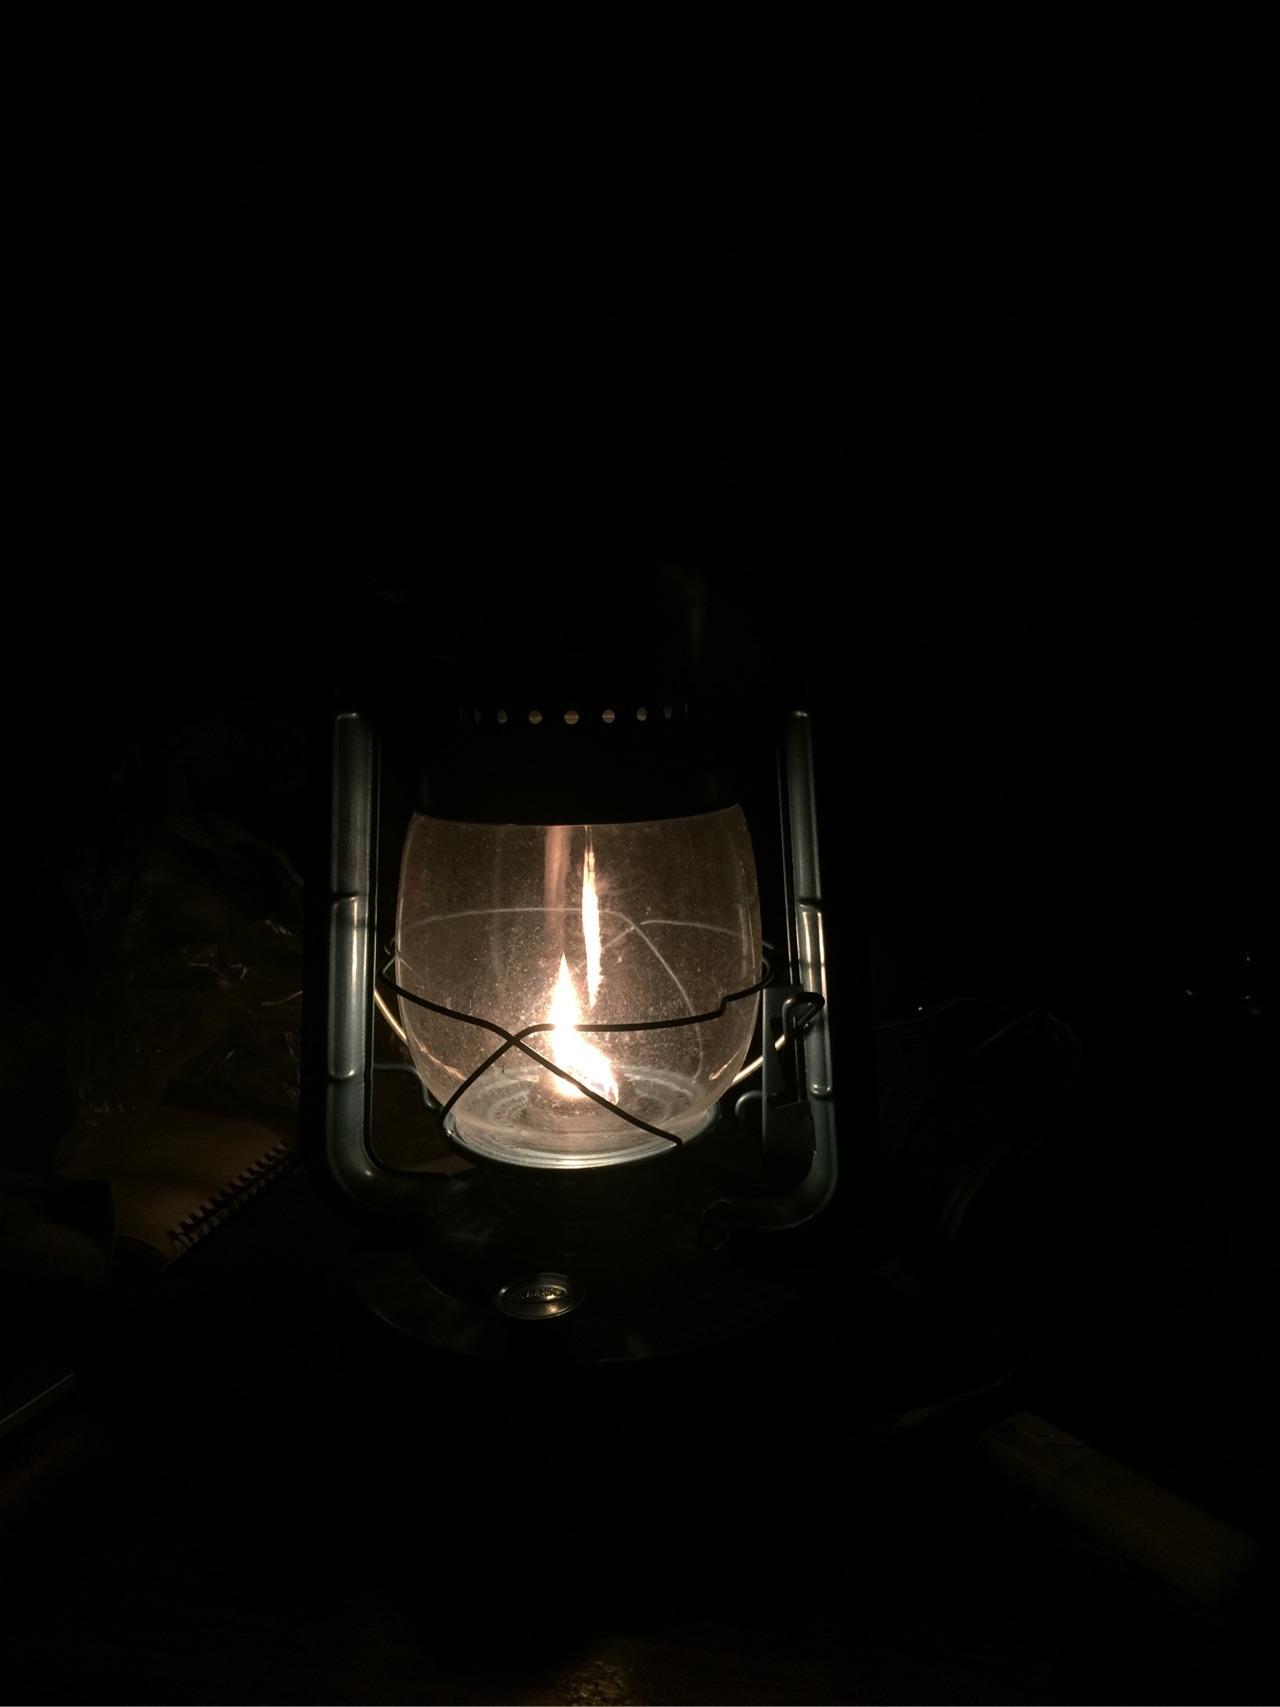 """现在哪款浏览器好用_煤气灯的工作原理是什么?""""煤气""""是哪种,和天然气的焰色 ..."""